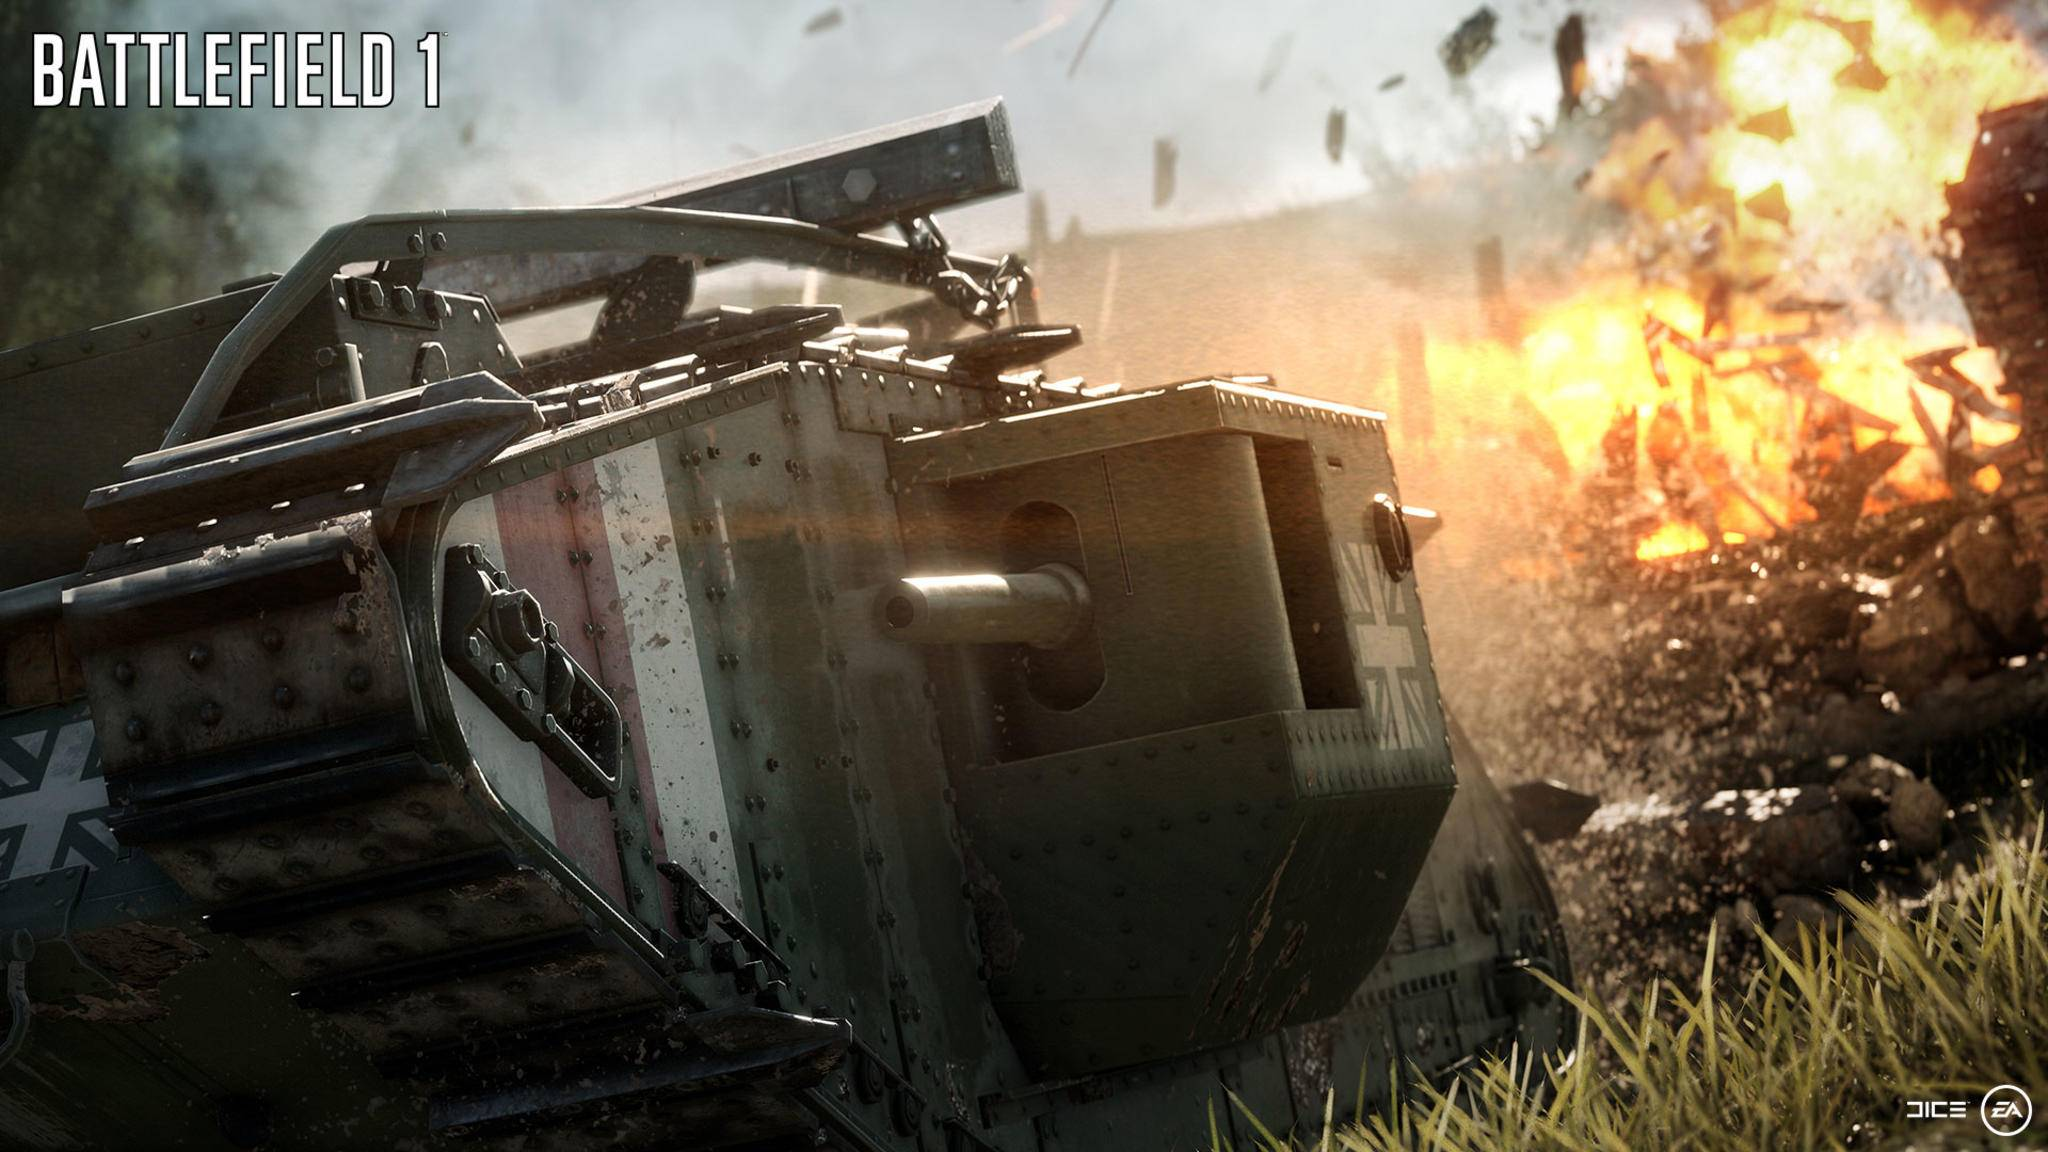 """""""Battlefield 1"""" soll eSport-tauglicher werden. Bei der Gamescom 2017 will EA verraten, wie."""